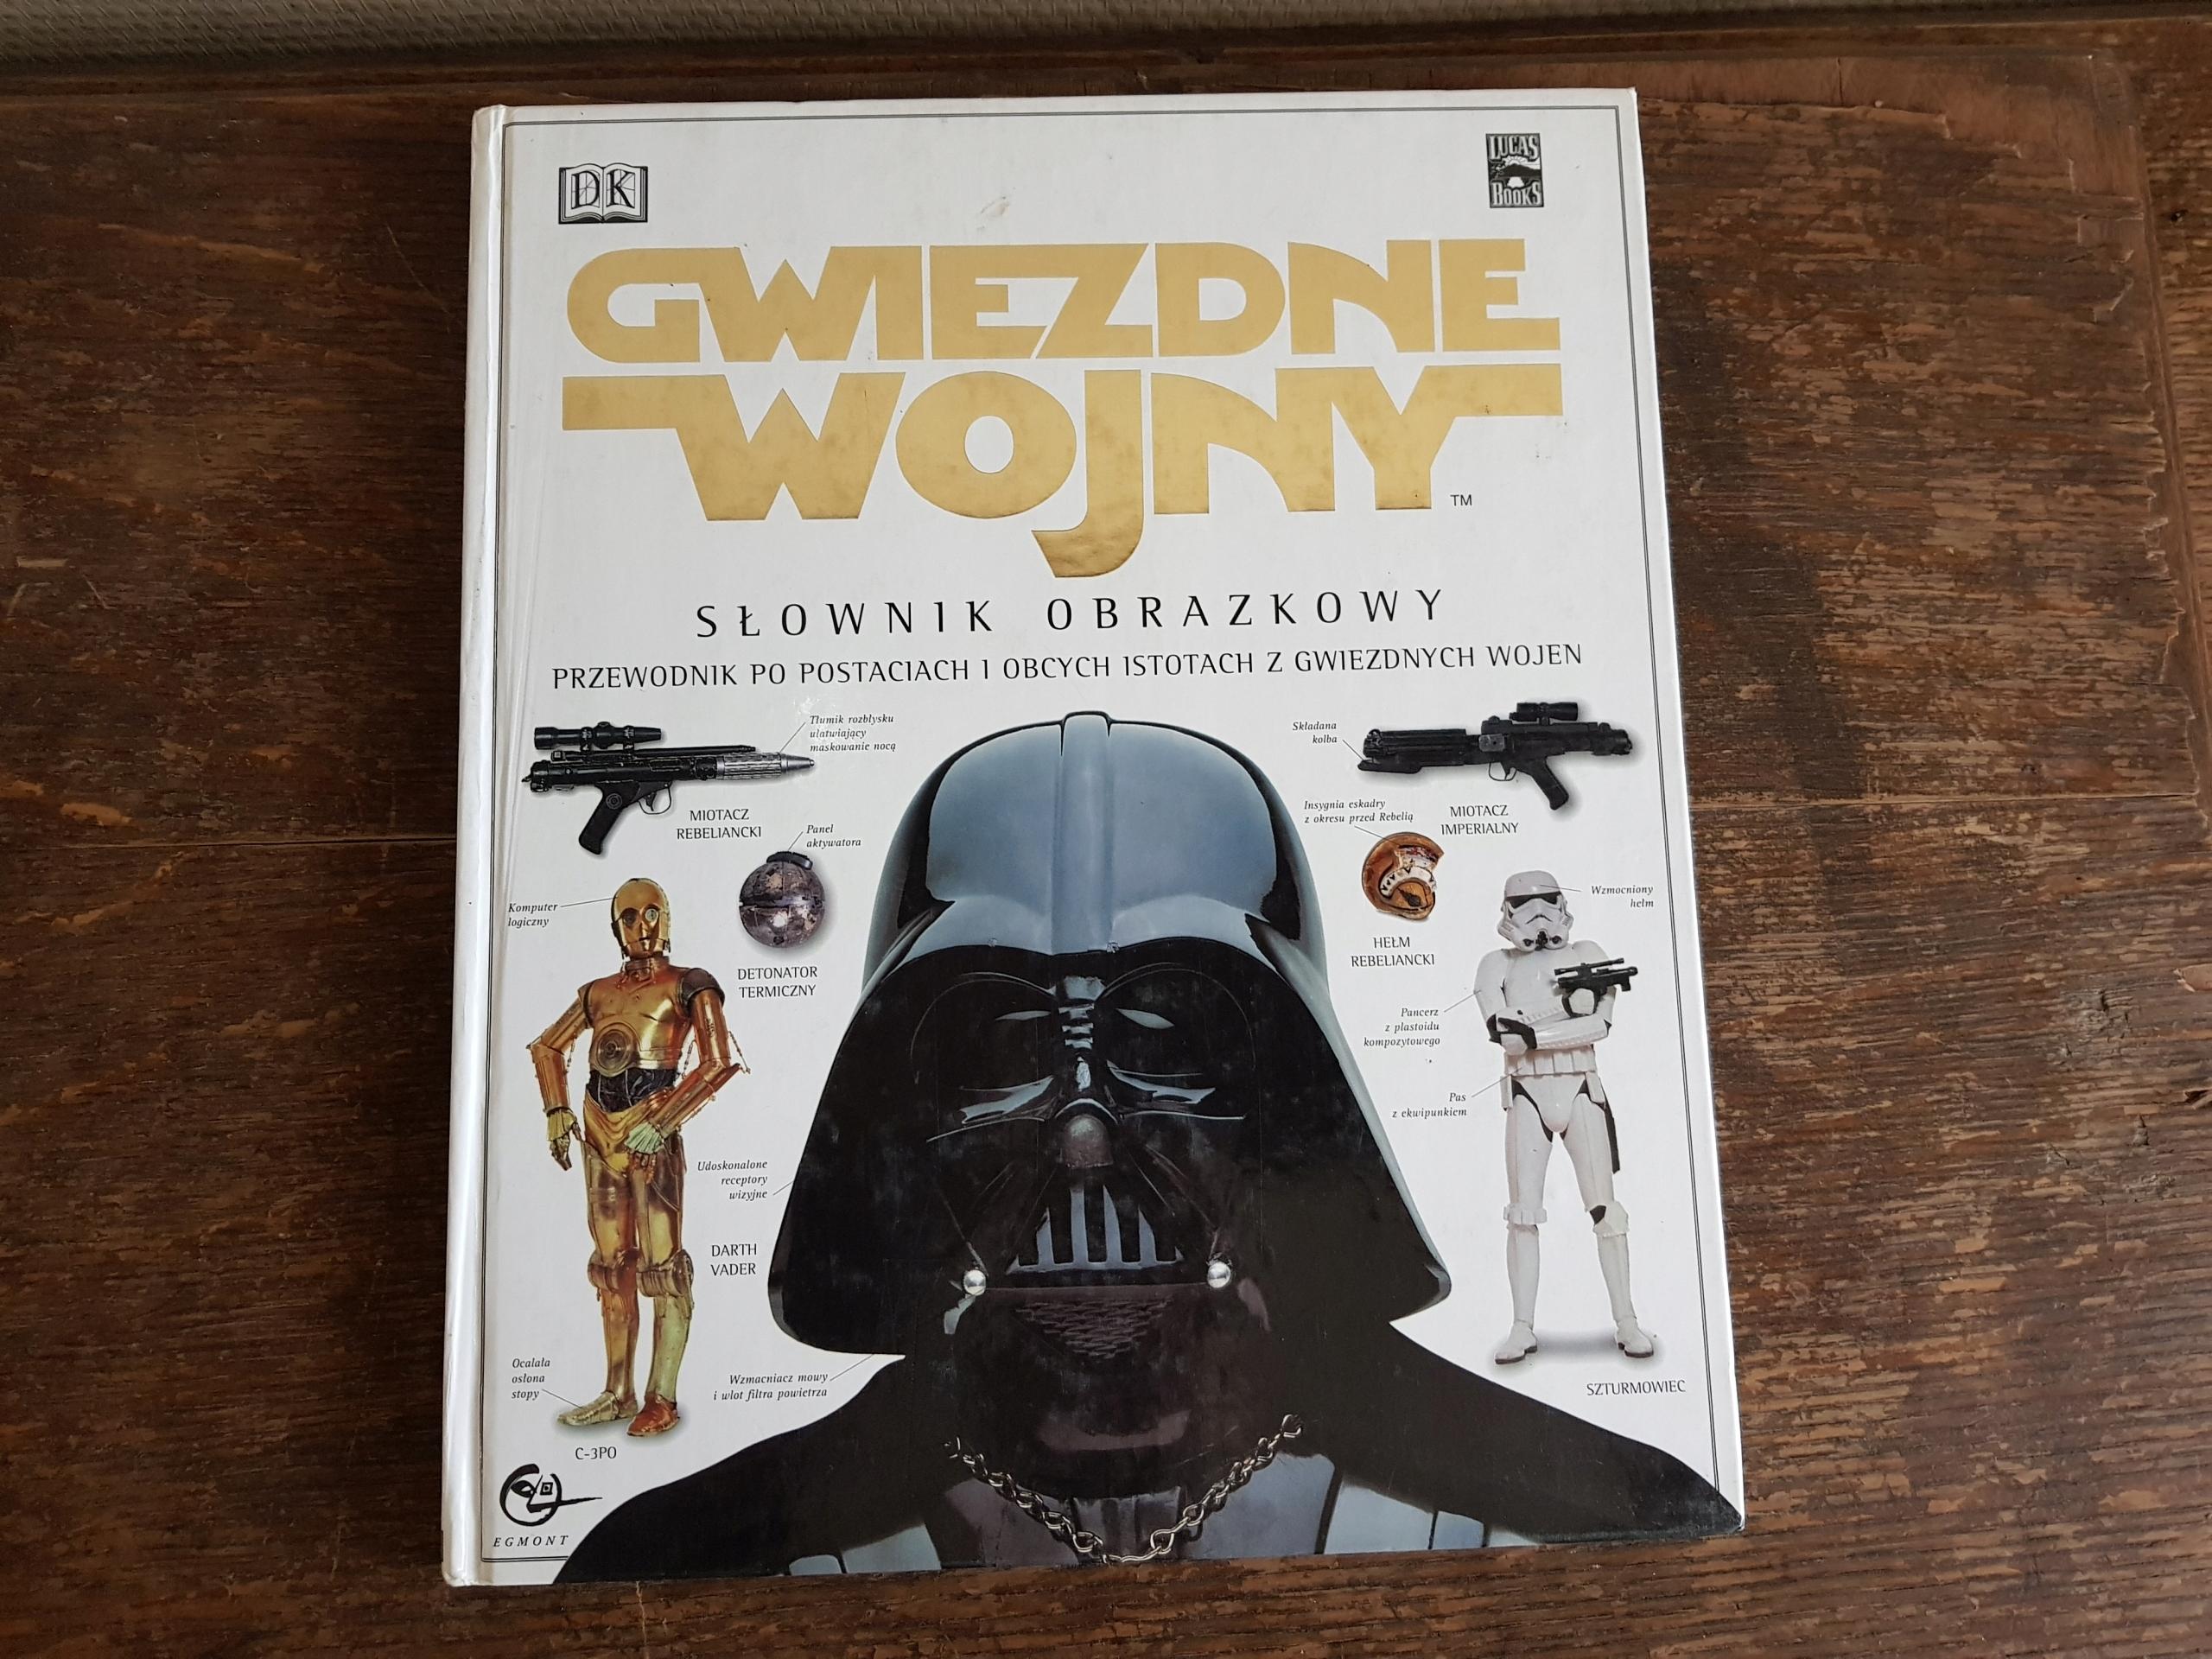 Gwiezdne Wojny - Słownik Ilustrowany - Star Wars